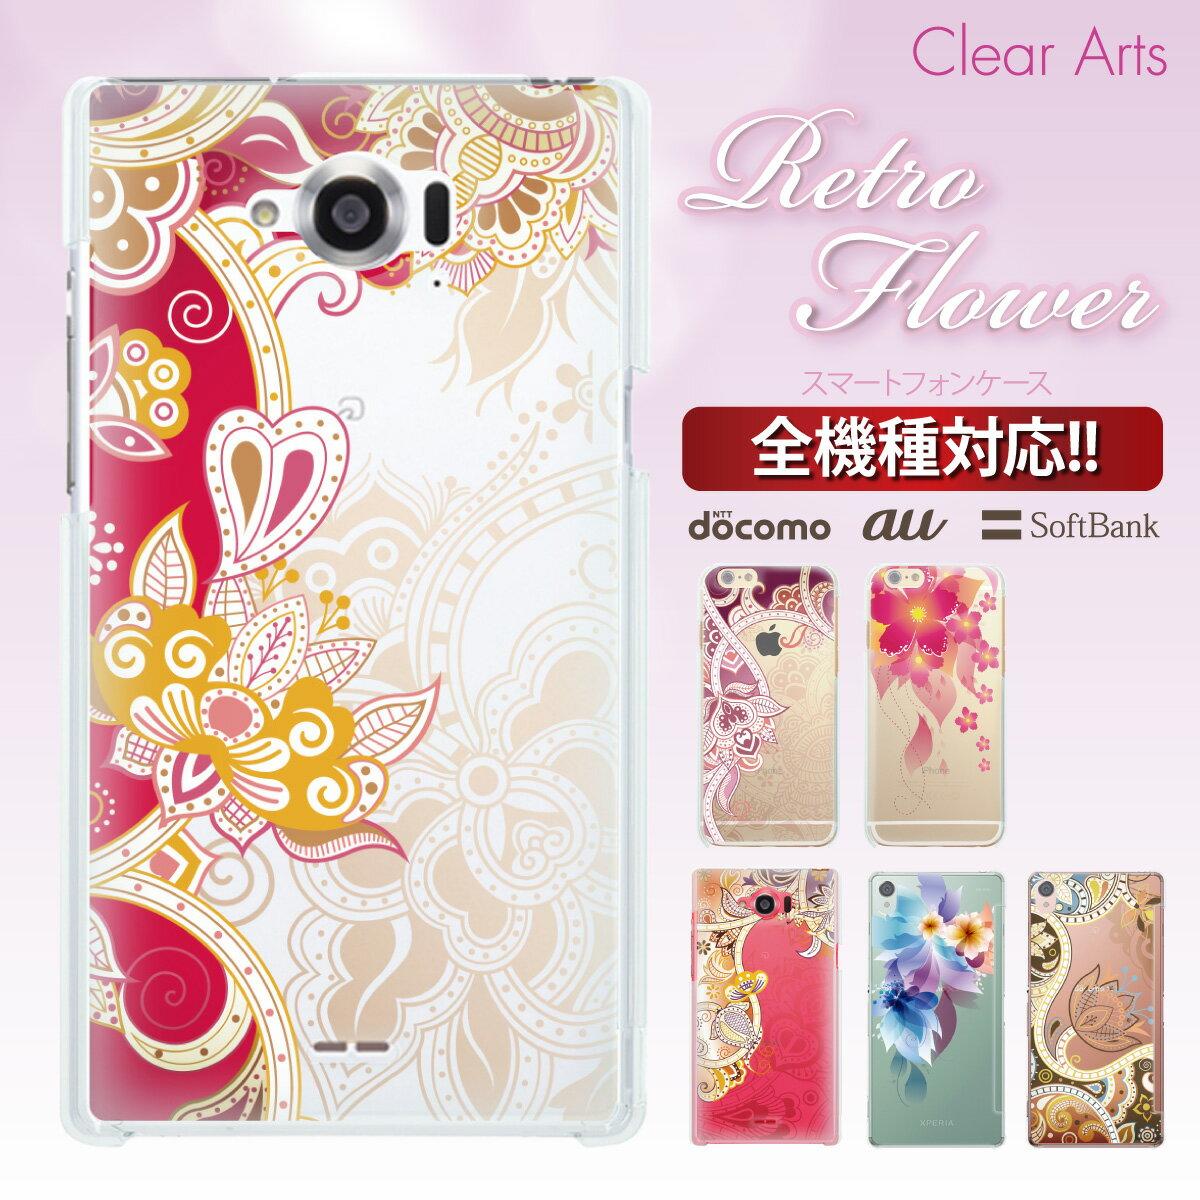 スマホケース 全機種対応 ケース カバー ハードケース クリアケースiPhoneX iPhone8 iPhone7s Plus iPhone7 iPhone6s iPhone6 Plus iPhone SE 5s Xperia XZ1 SO-01K SO-02K XZ so-04j XZs so-03j aquos R SH-01K SHV41 花柄 iphone5s iphone5c 06-zen-ca0101